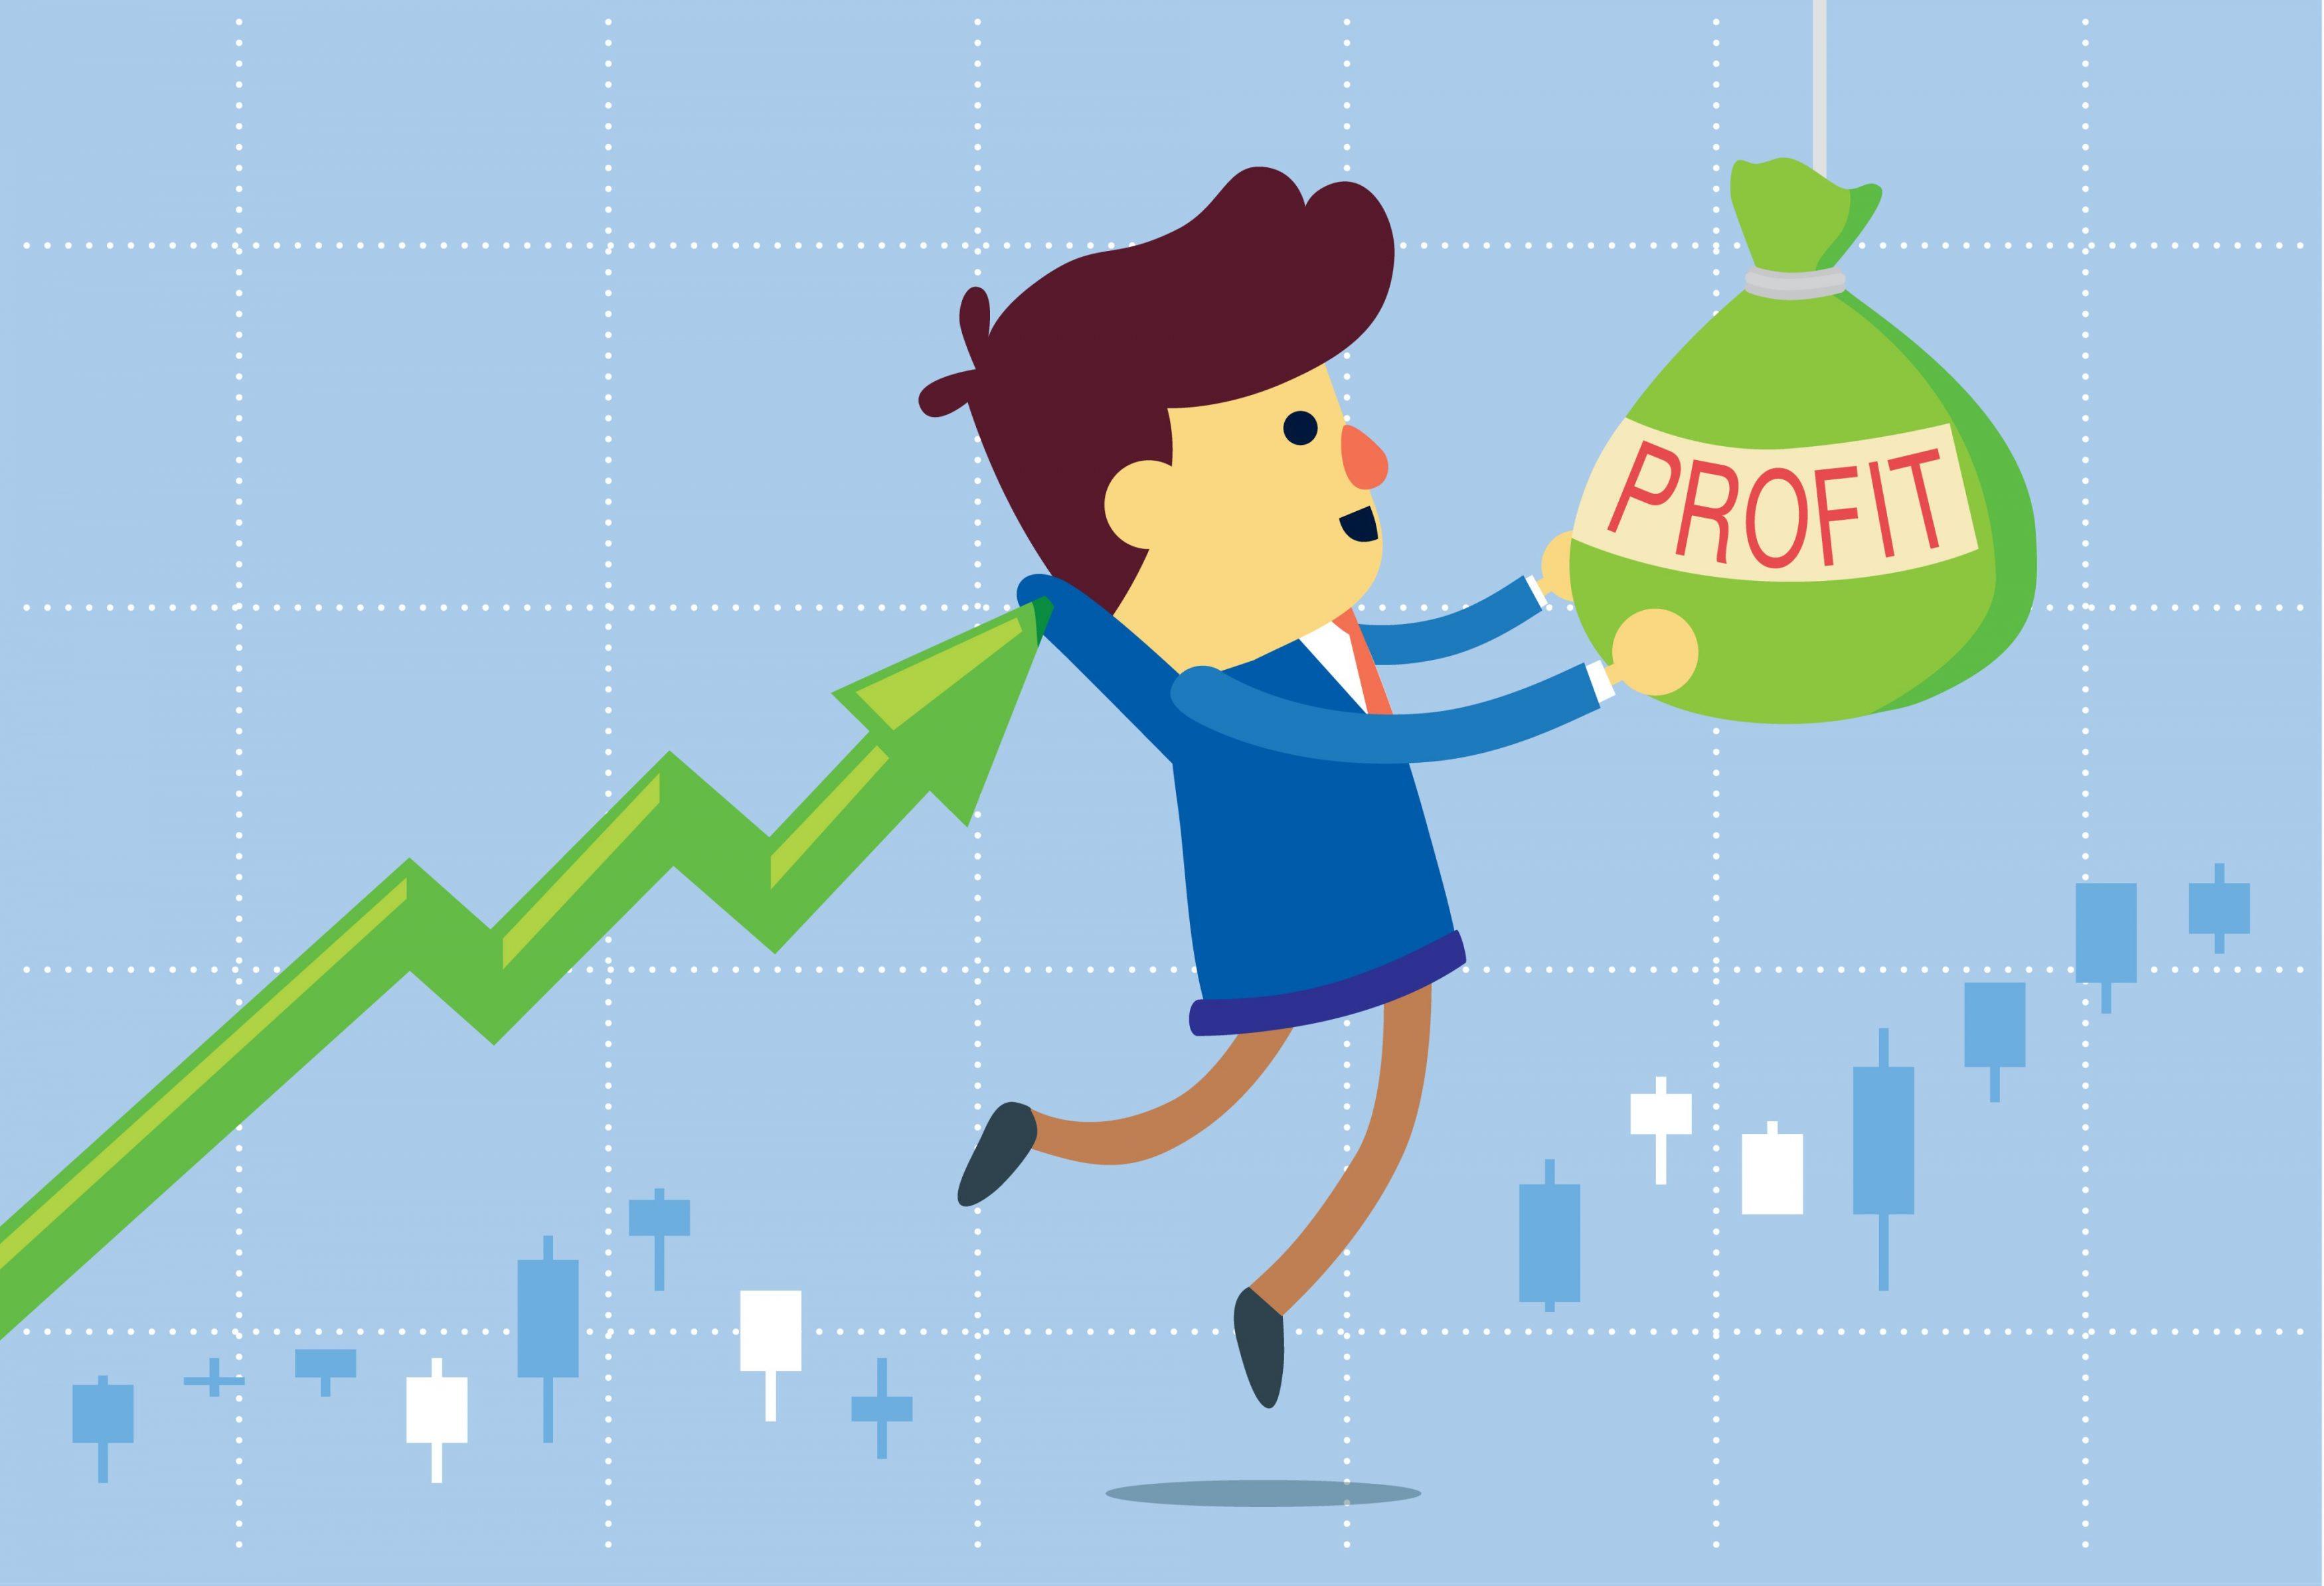 Vốn thấp lời cao khi đầu tư tại Quỹ JFX - Quỹ số 1 hiện nay